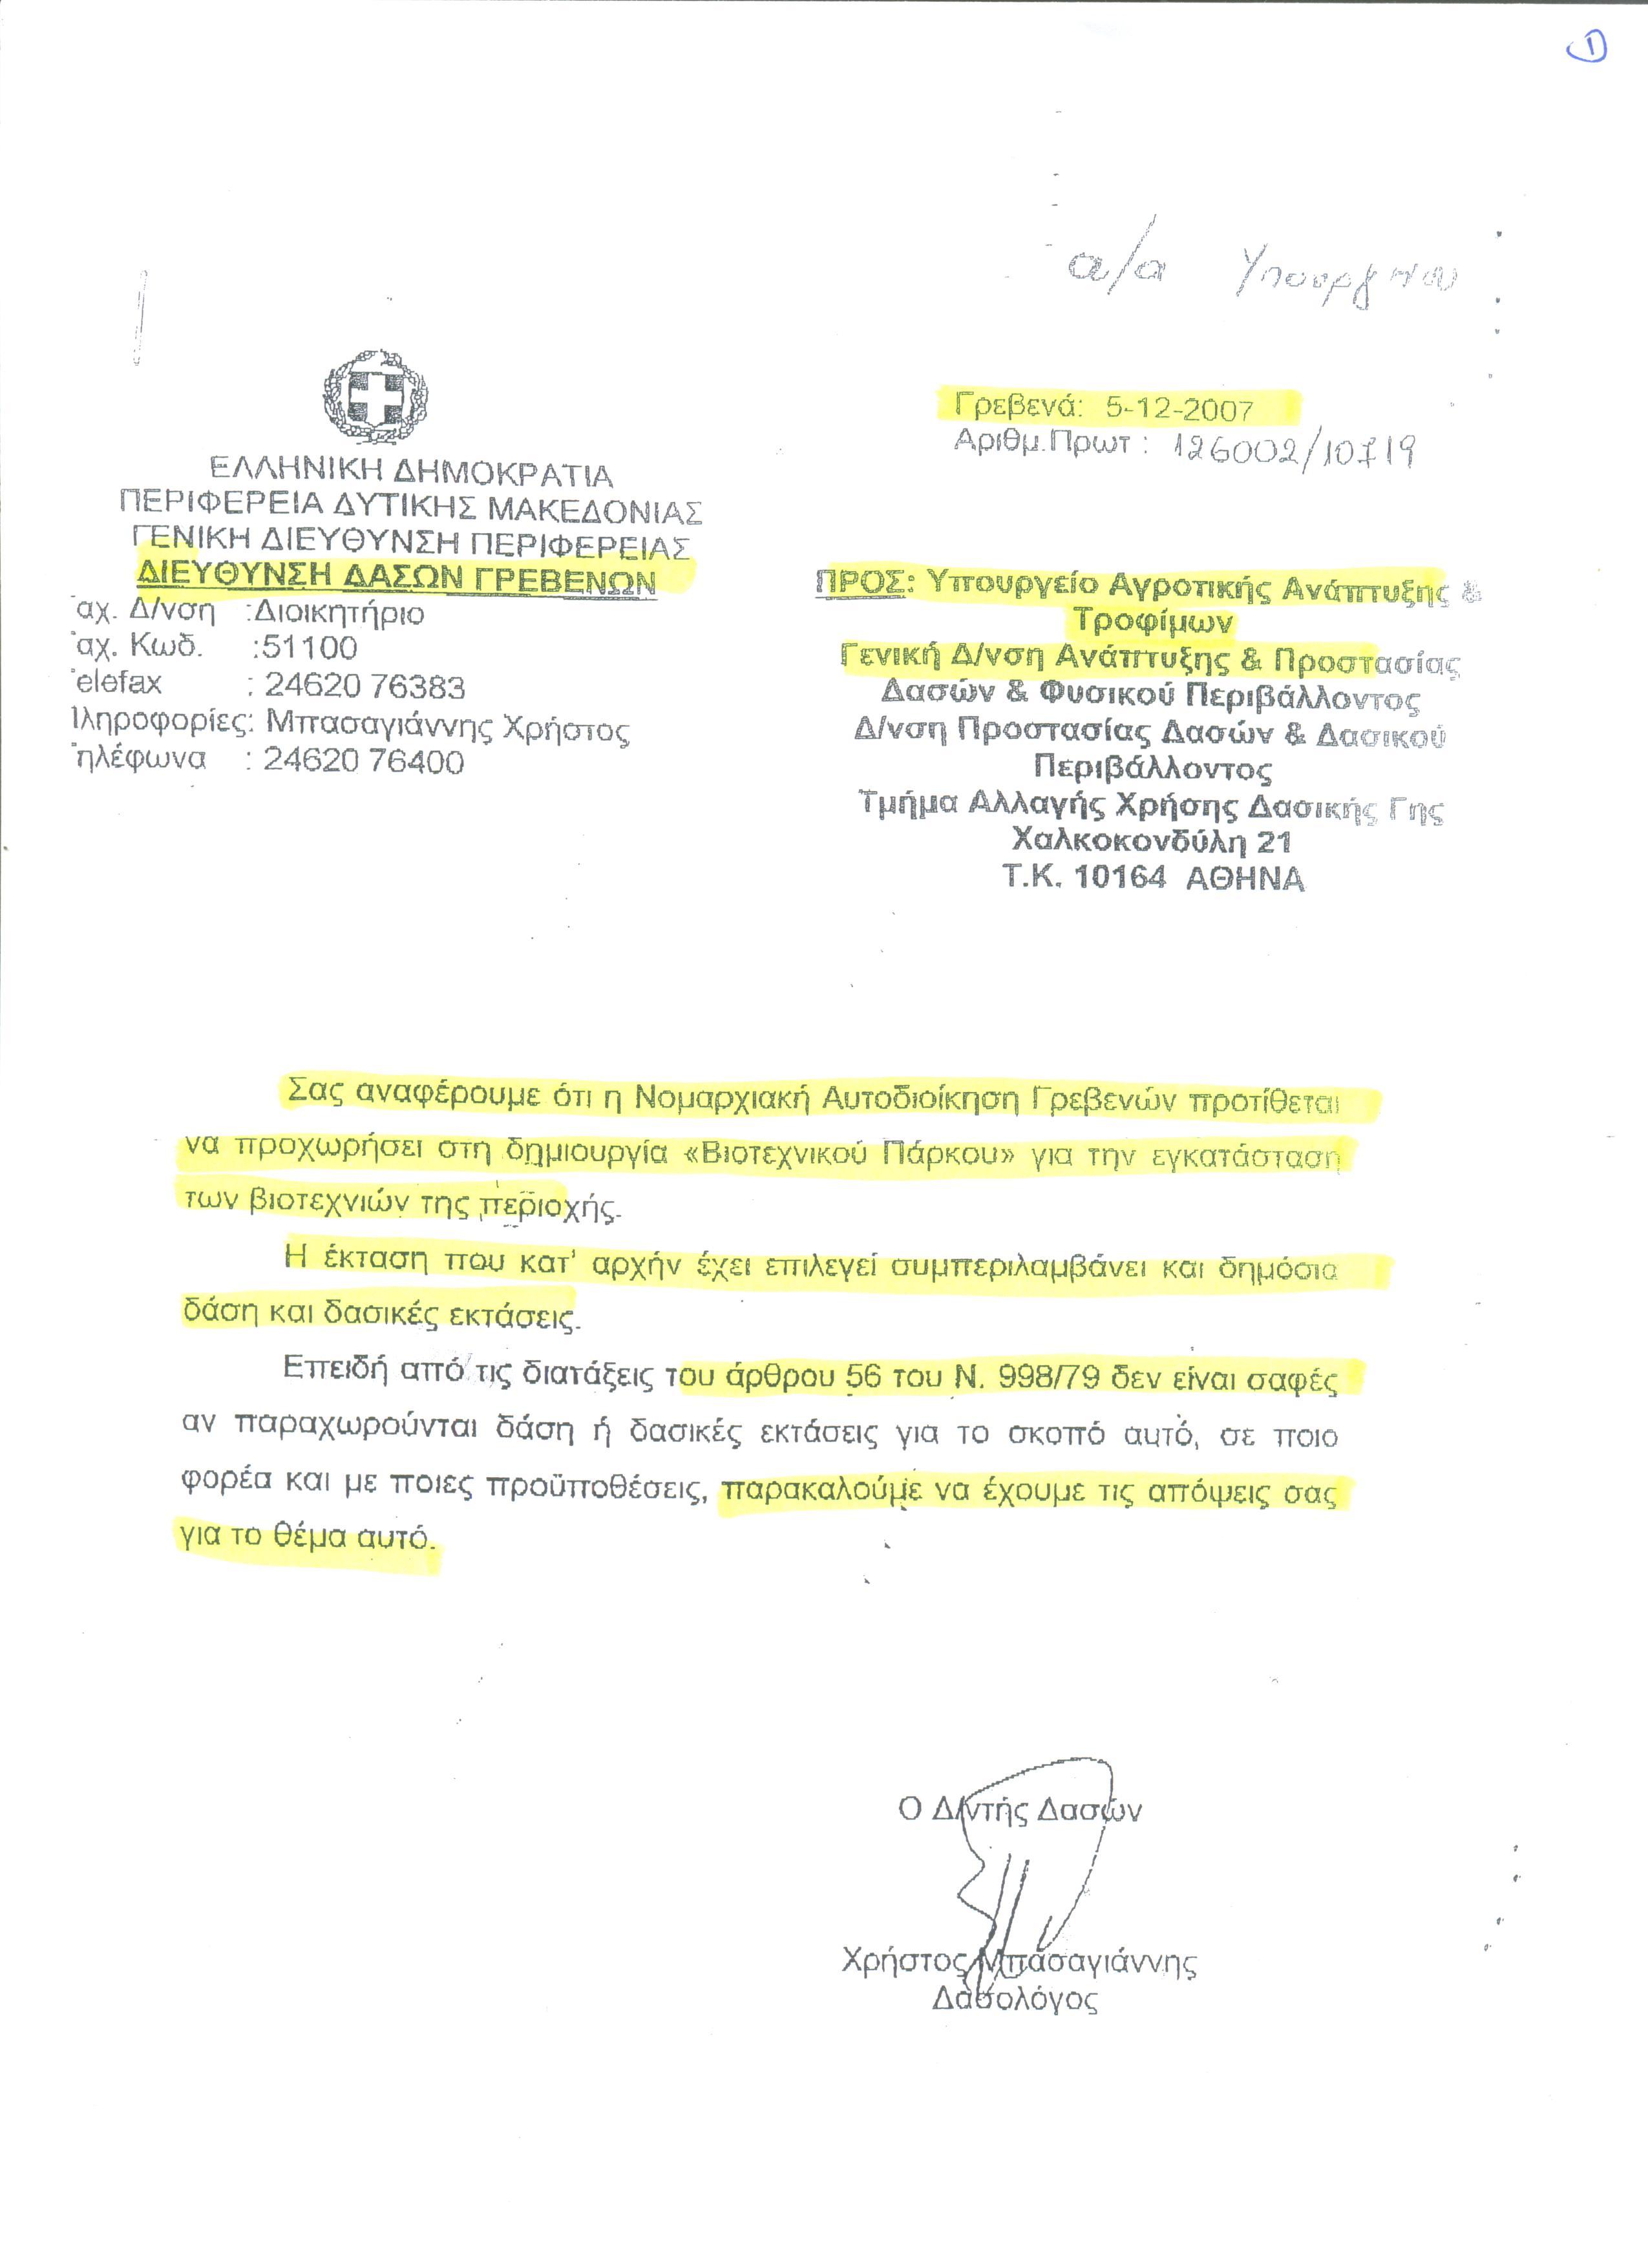 Η νομική άποψη του Υπουργείου Αγροτικής Ανάπτυξης για το ΒΙΟΠΑ Γρεβενών